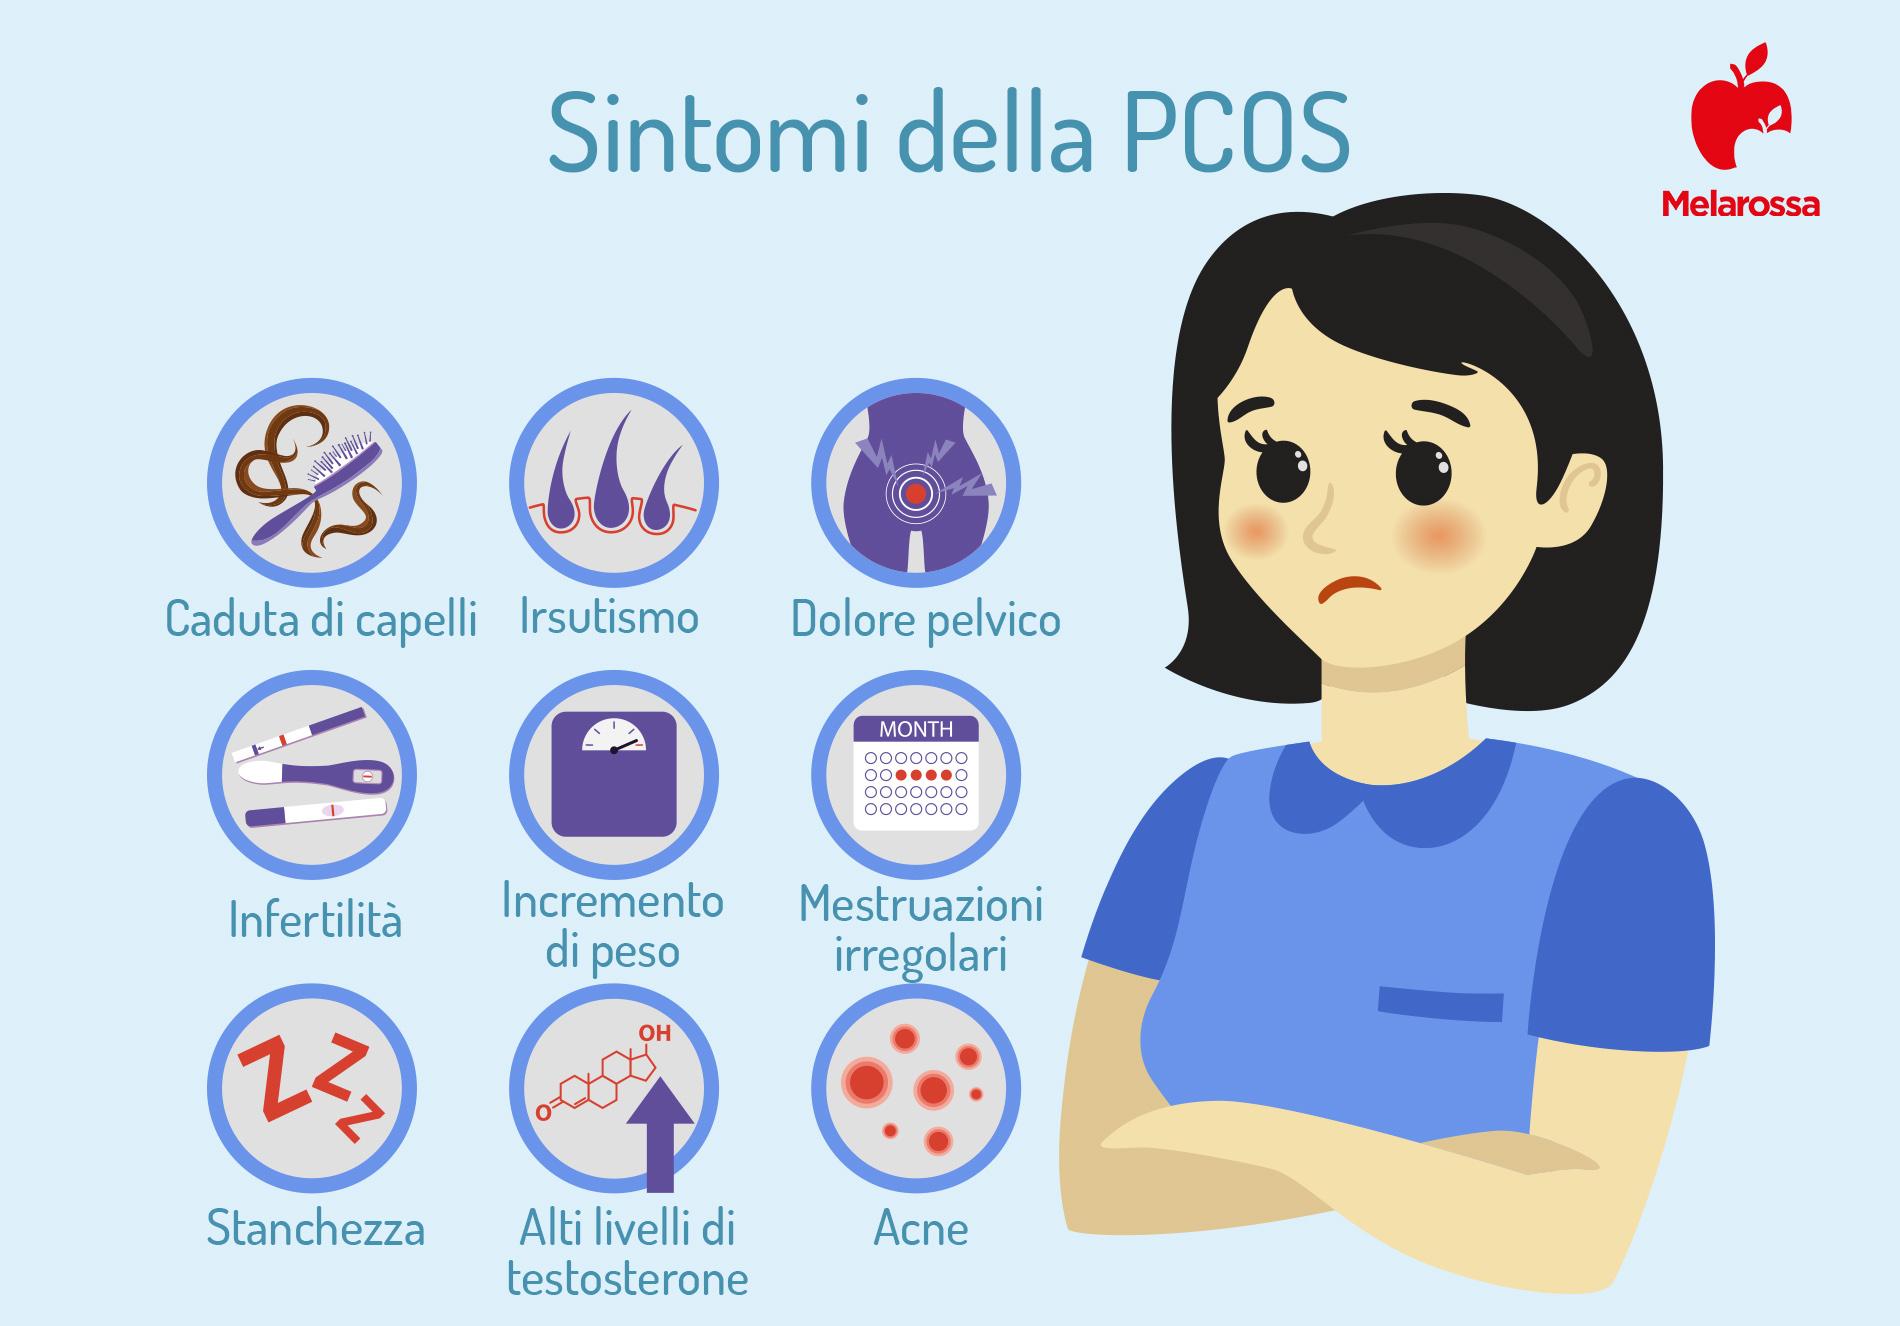 sindrome dell'ovaio policistico: sintomi